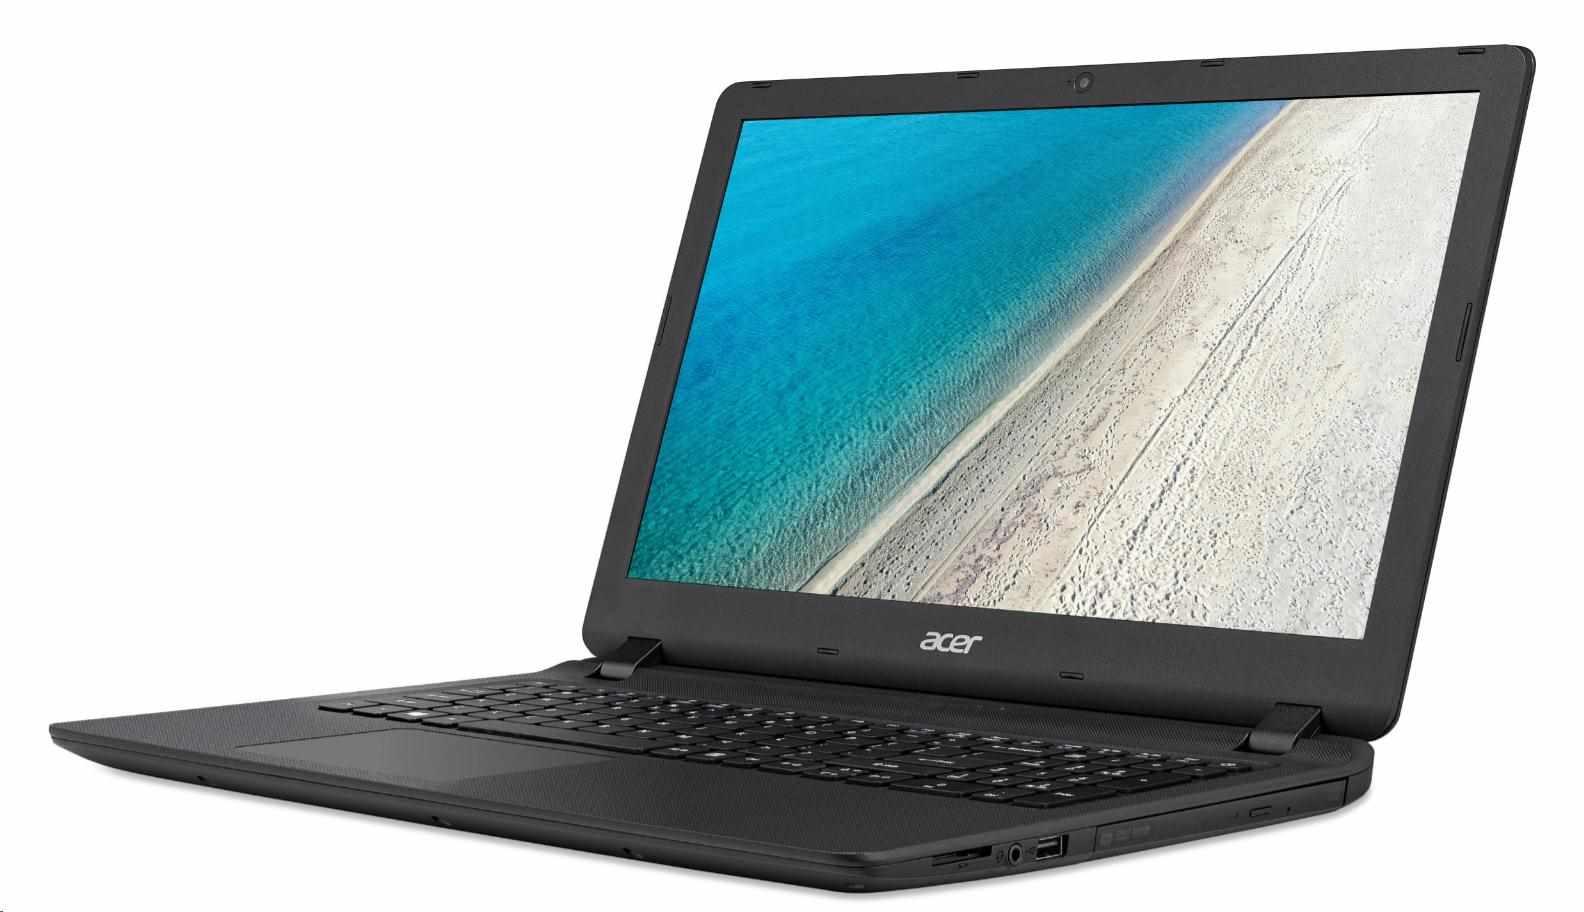 """ACER NTB Extensa 15 (EX2540-53FE) - i5-7200U@2.5GHz,15.6""""FHD mat,4GB,256SSD,čt.pk,DVD,IntelHD,BT,cam,4čl,W10P,černá (NX.EFHEC.009)"""